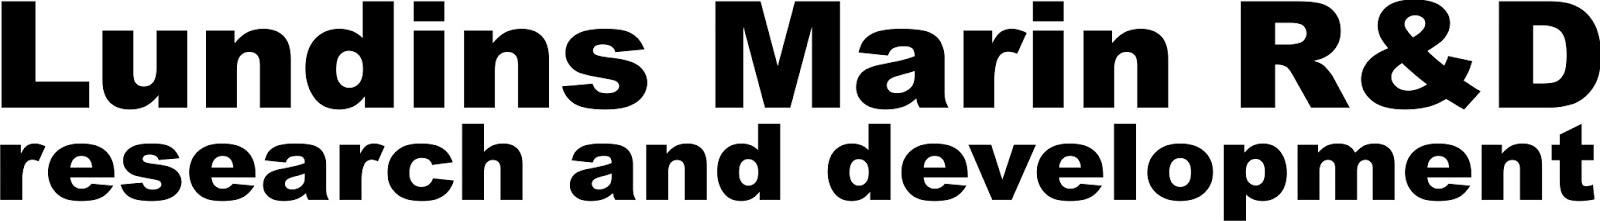 Lundins Marin R&D